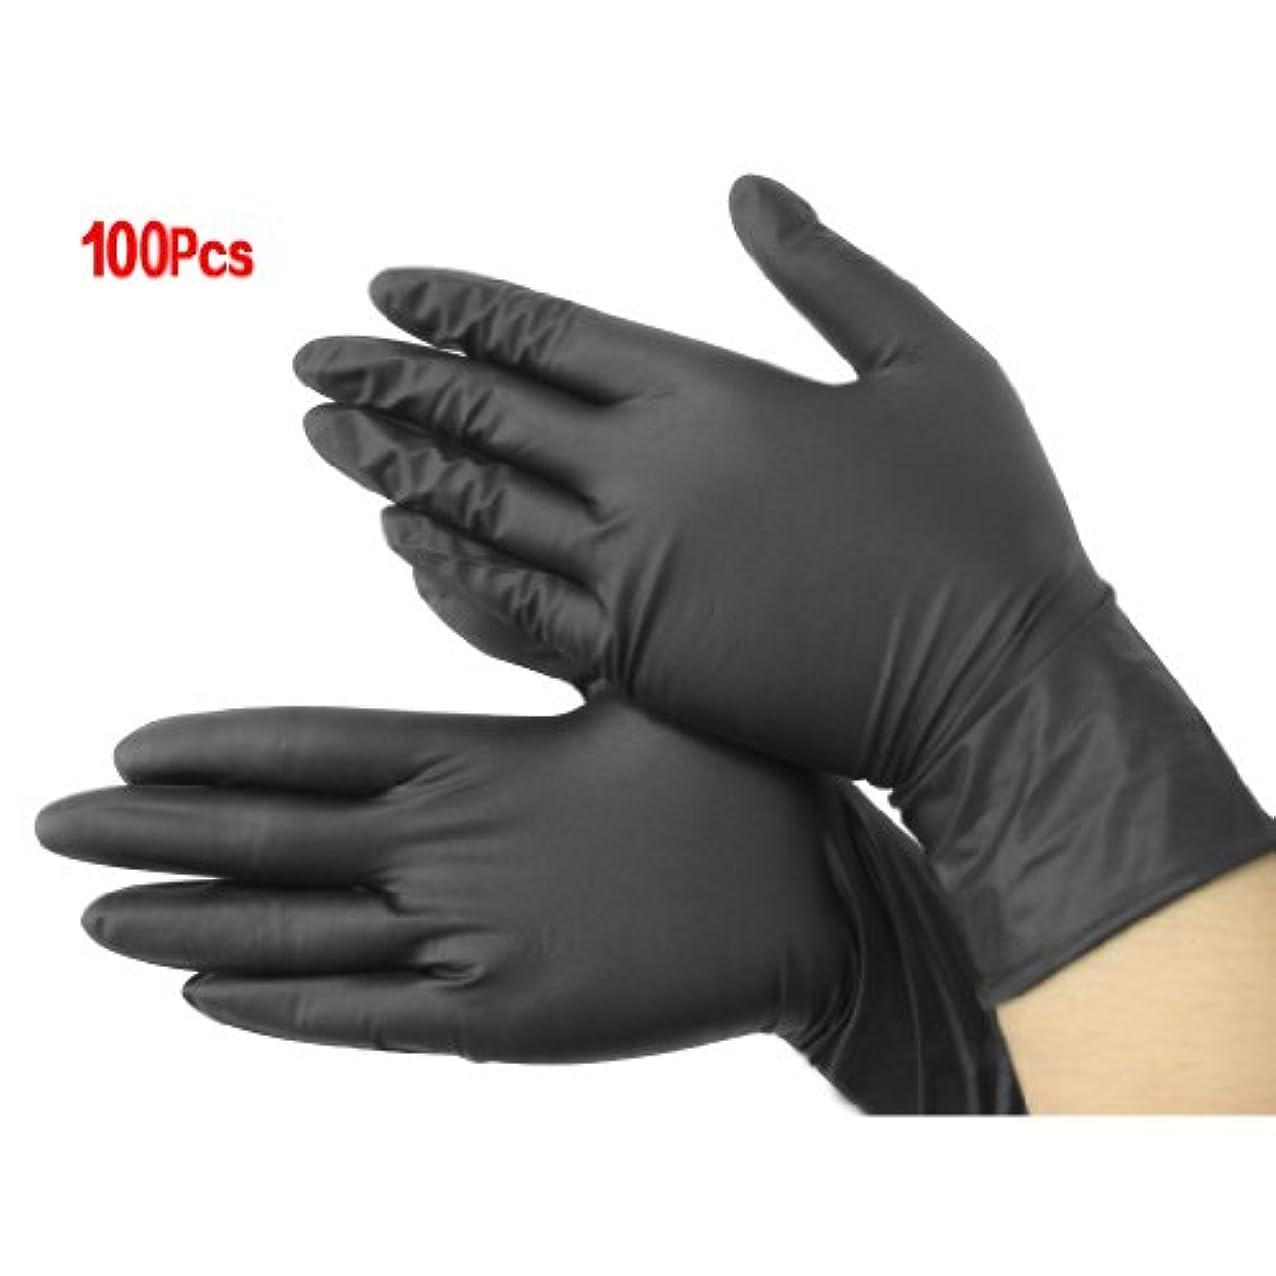 過度に昇る機構手袋,SODIAL(R)黒いニトリル使い捨てクール手袋 パワーフリーX100 - 入れ墨 - メカニック 新しい